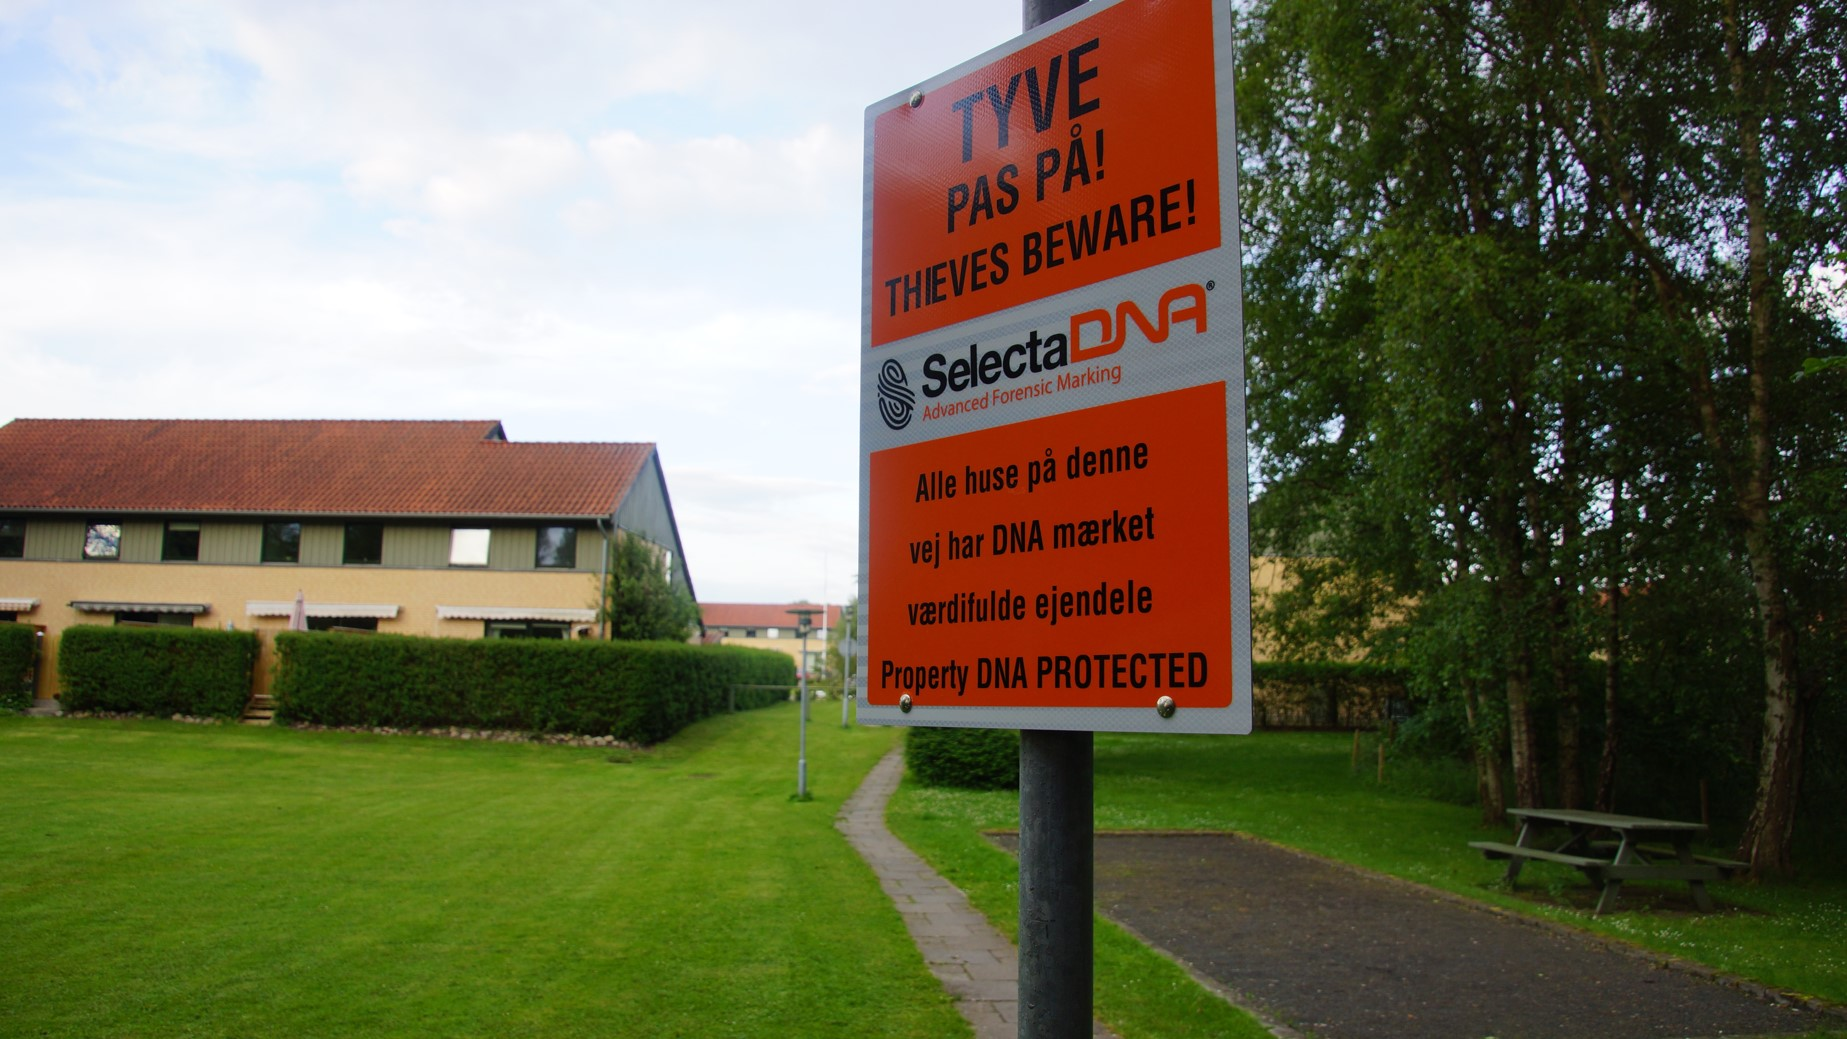 1. juledag besøger TV2 News boligforening efter 6 måneder med SelectaDNA